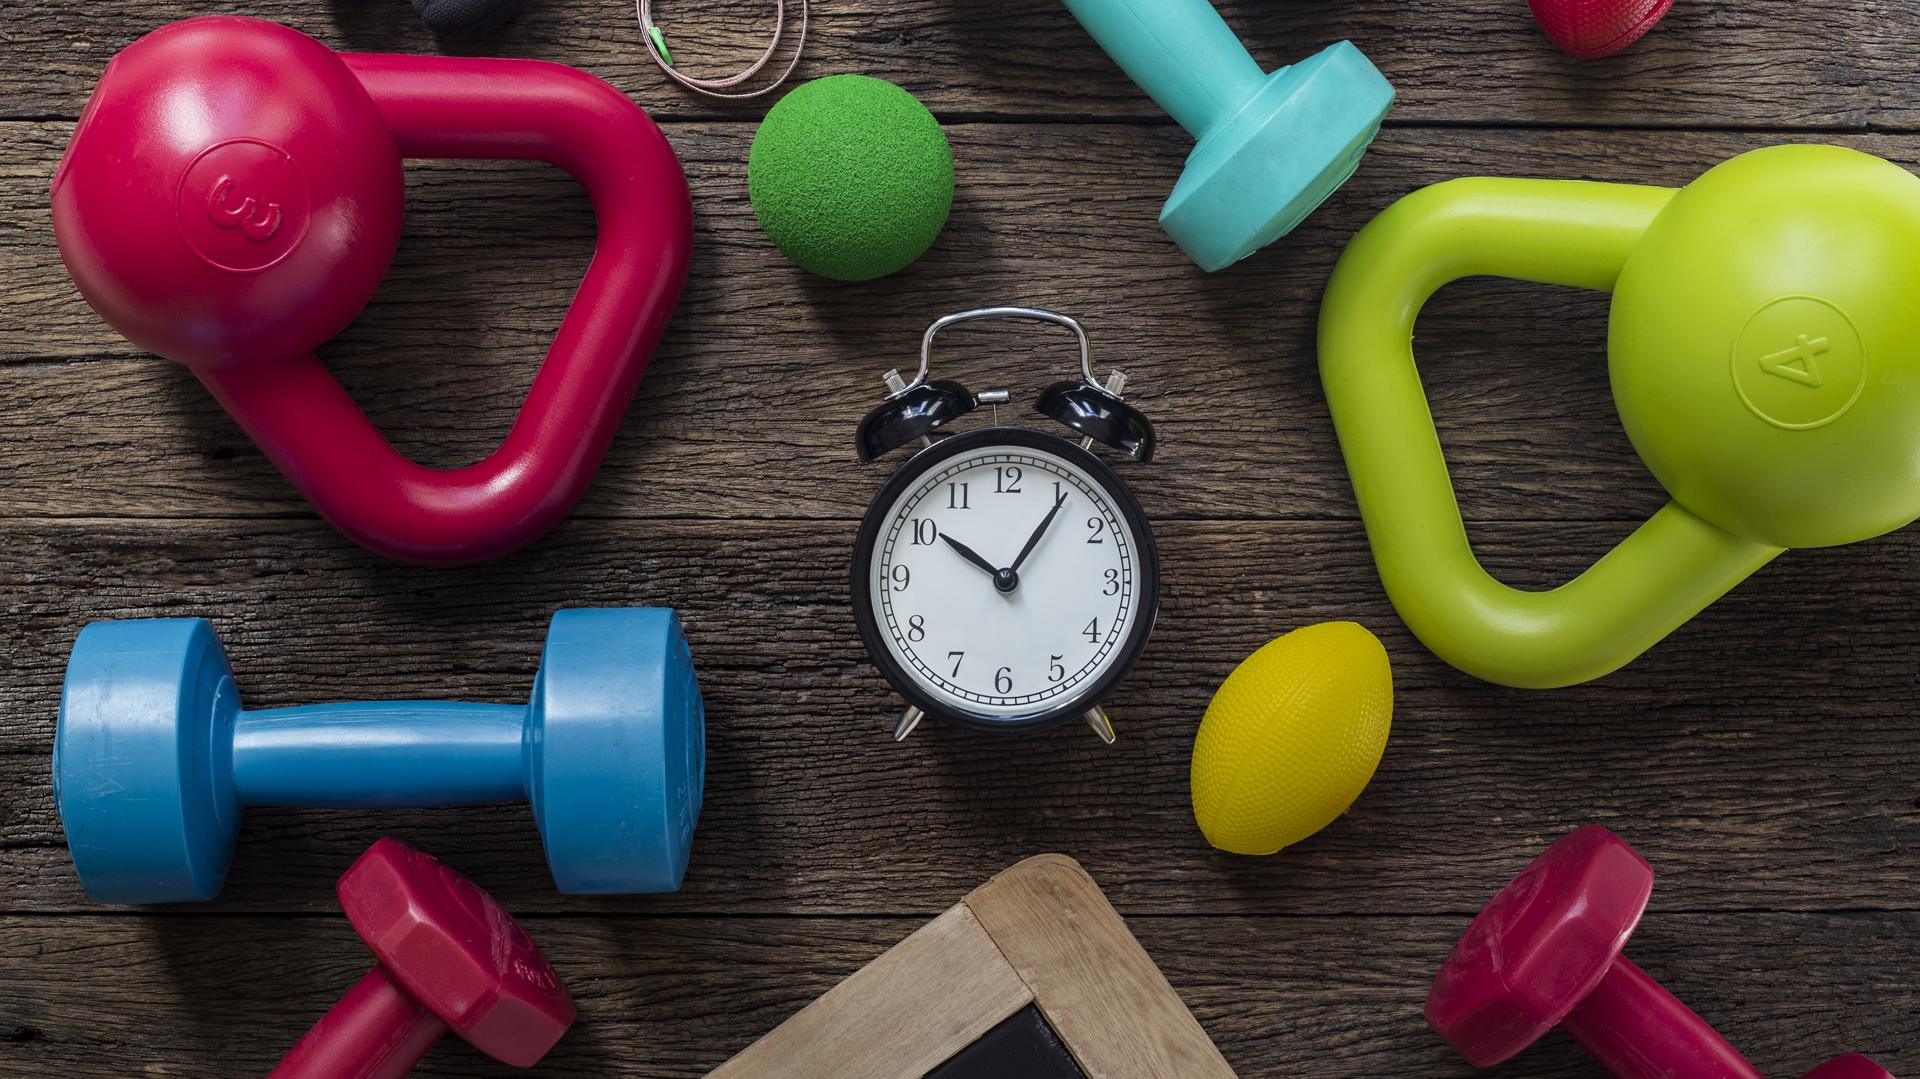 Un simple cambio cotidiano puede ser muy útil para la salud (iStock)